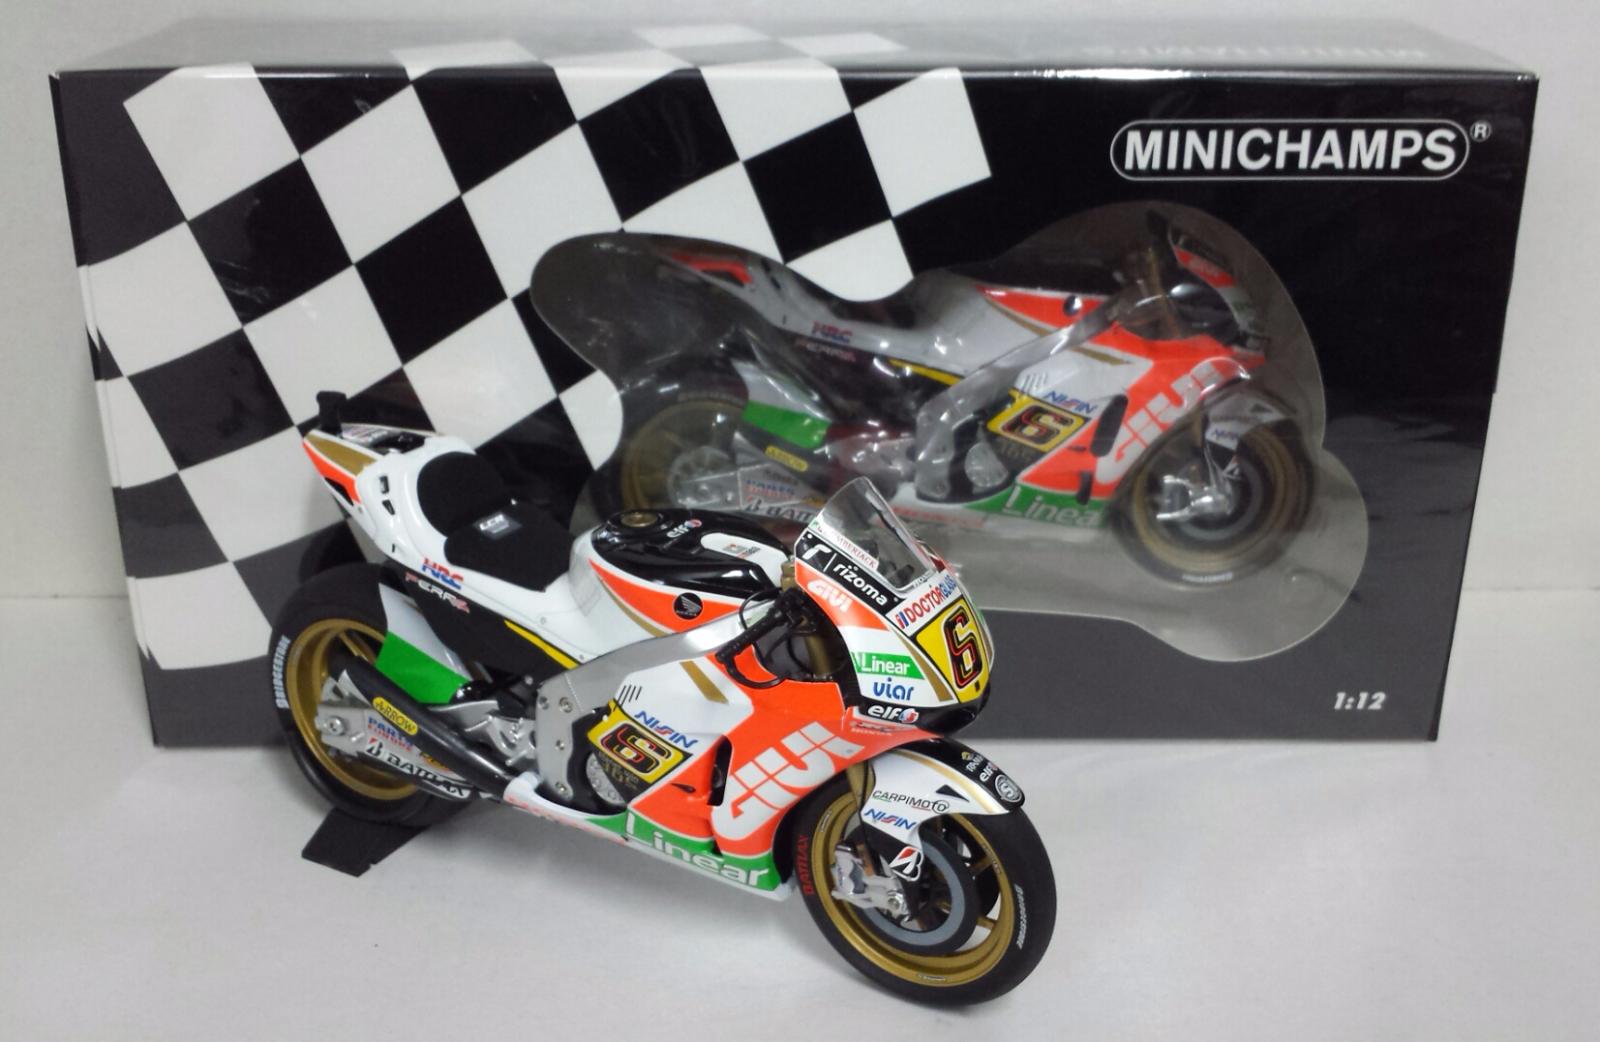 MINICHAMPS STEFAN BRADL 1 12 MOTO HONDA RC 213V MOTOGP 2013 EDITION LIMITÉE NEW